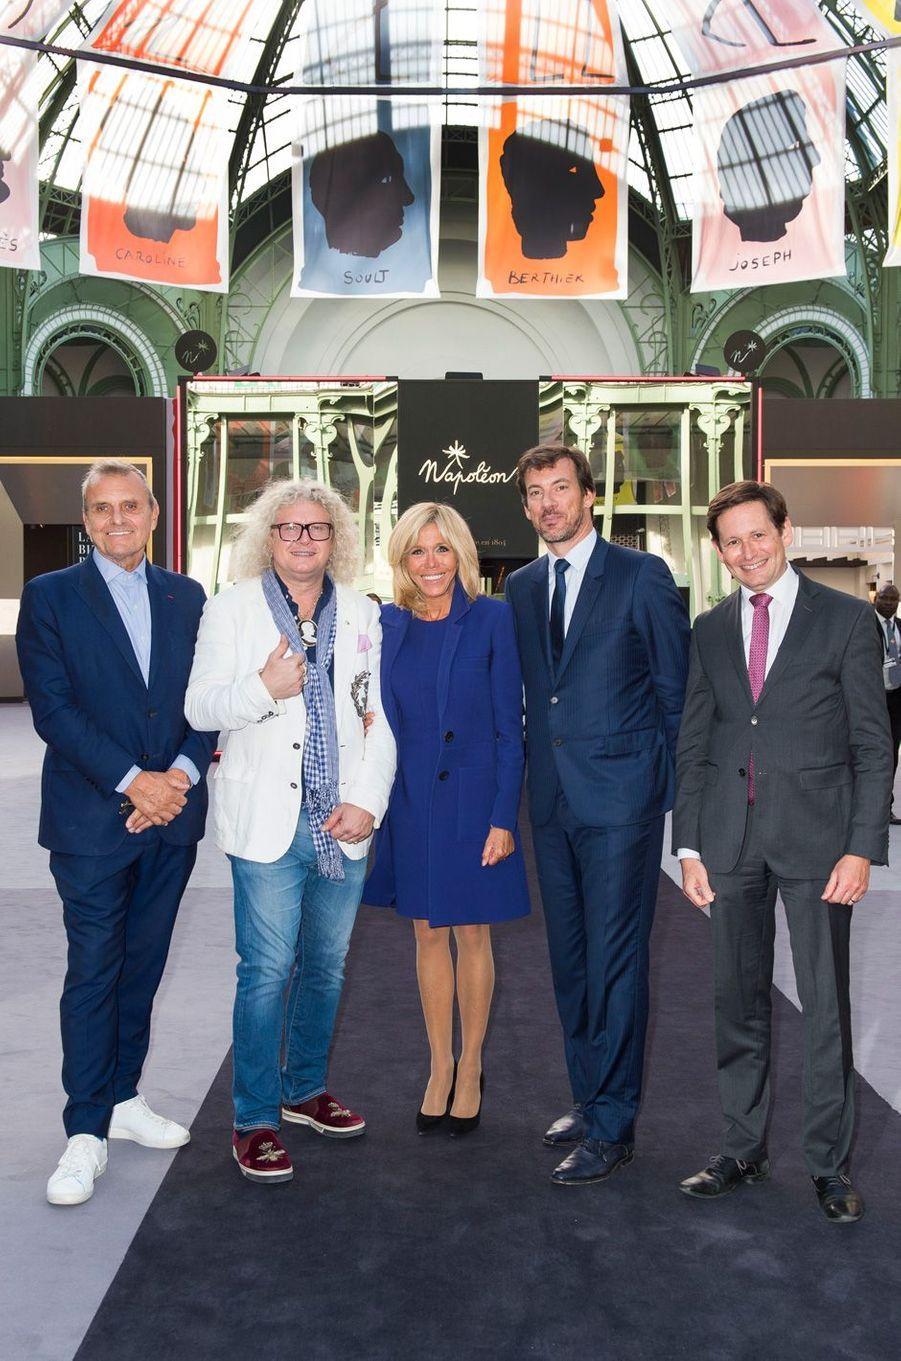 Brigitte Macron à la Biennale des Antiquaires de Paris, en compagnie deJean-Charles de Castelbajac,Pierre-Jean Chalençon, Mathias AryJan, etEmmanuel Marcovitch.